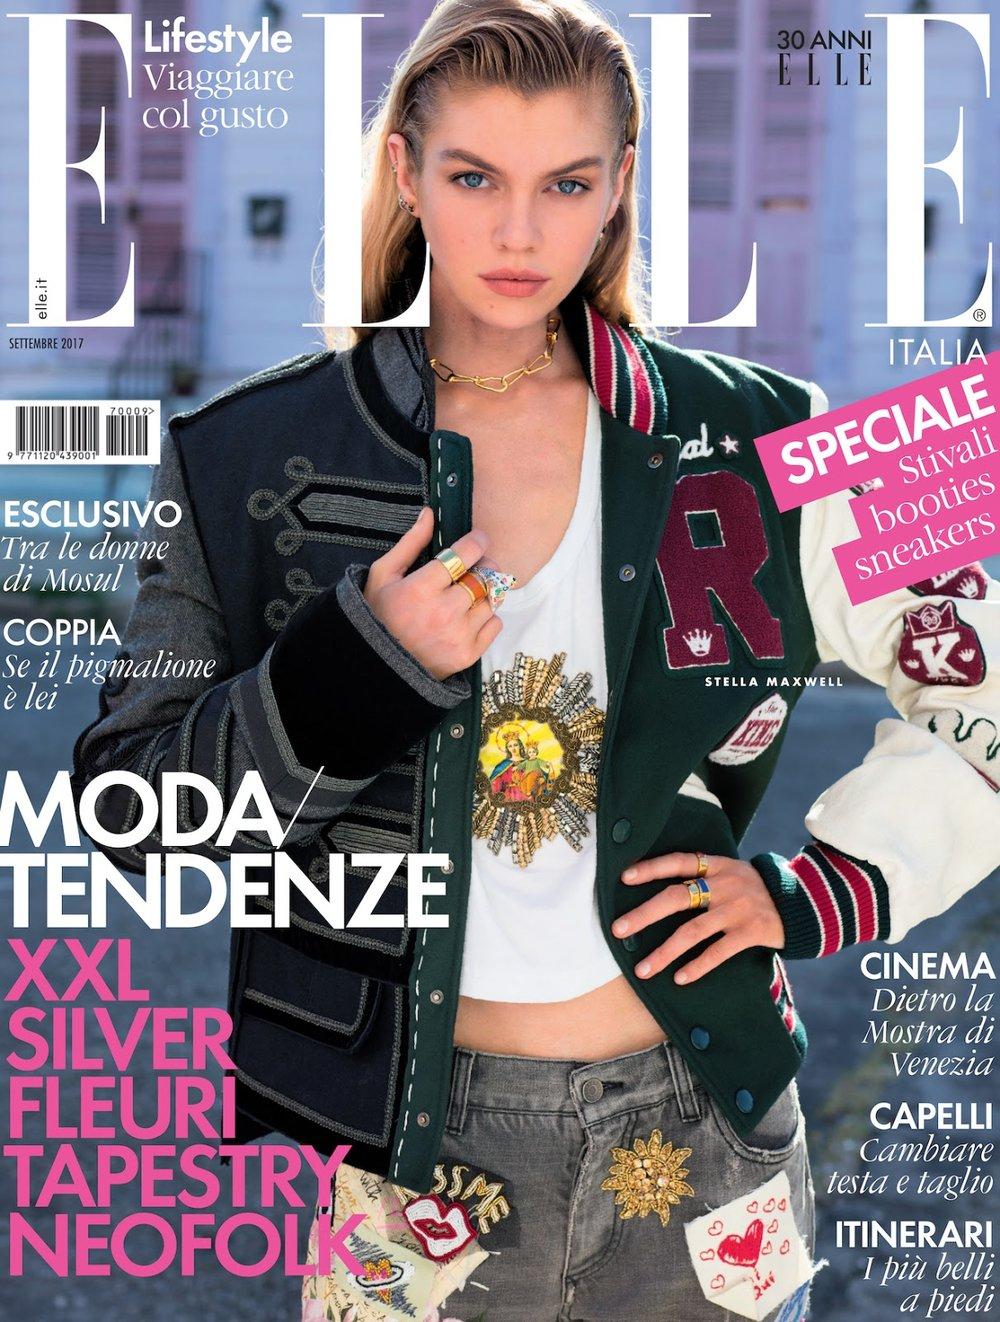 Elle Italia September 2017-1.jpg